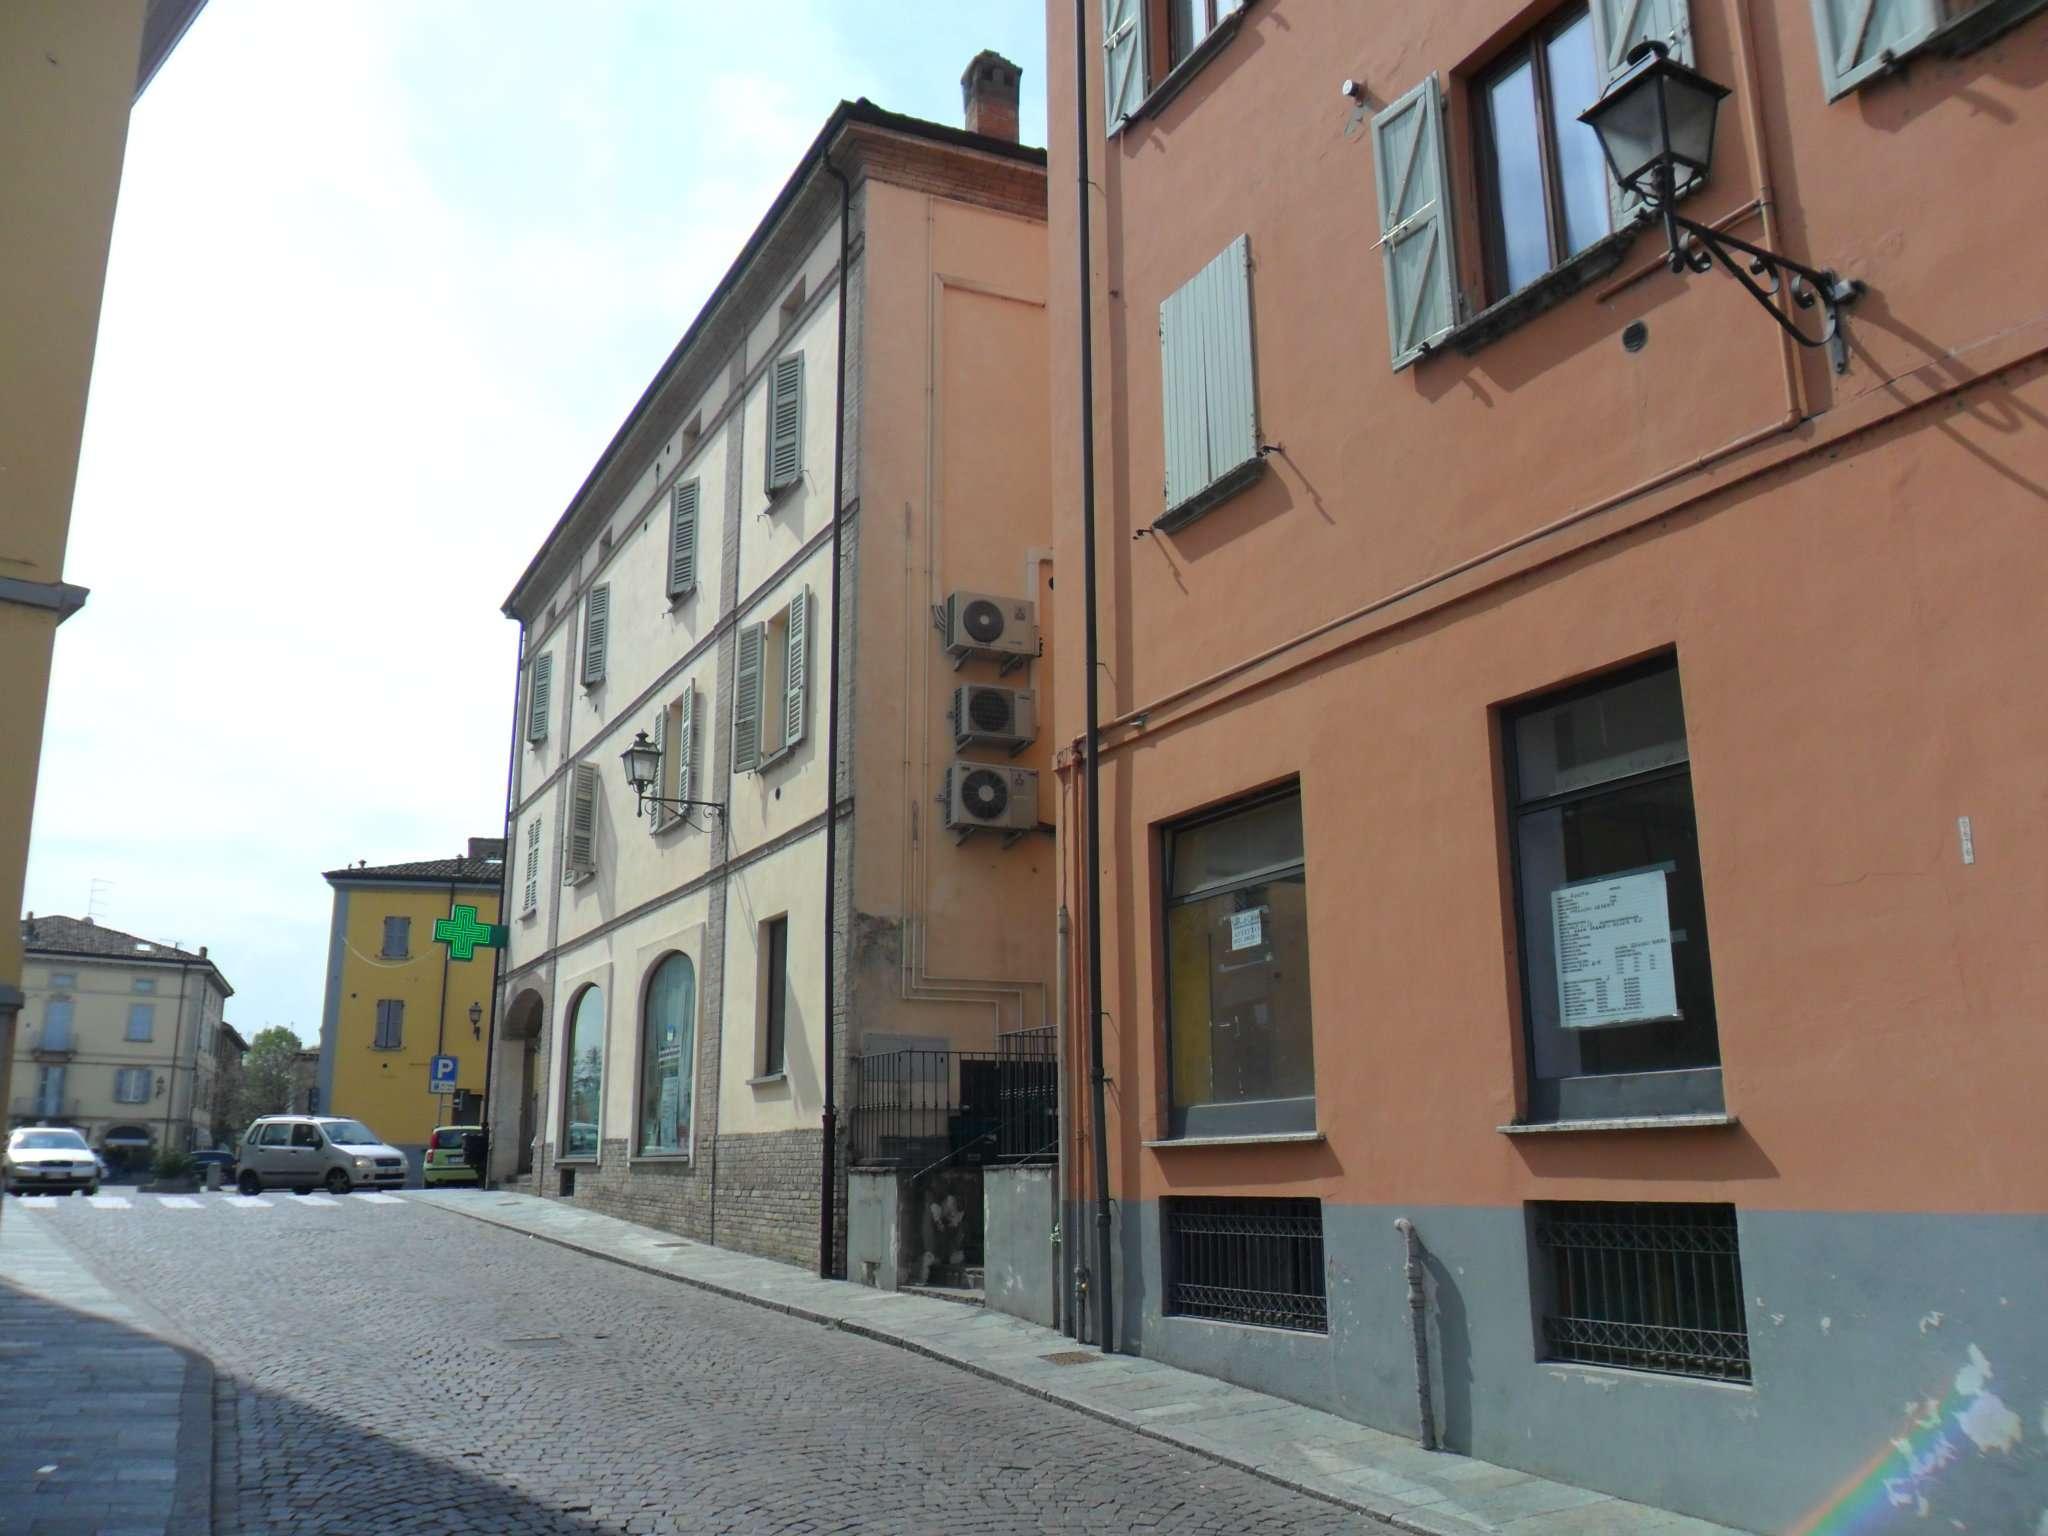 Negozio / Locale in affitto a Noceto, 1 locali, prezzo € 700 | Cambio Casa.it